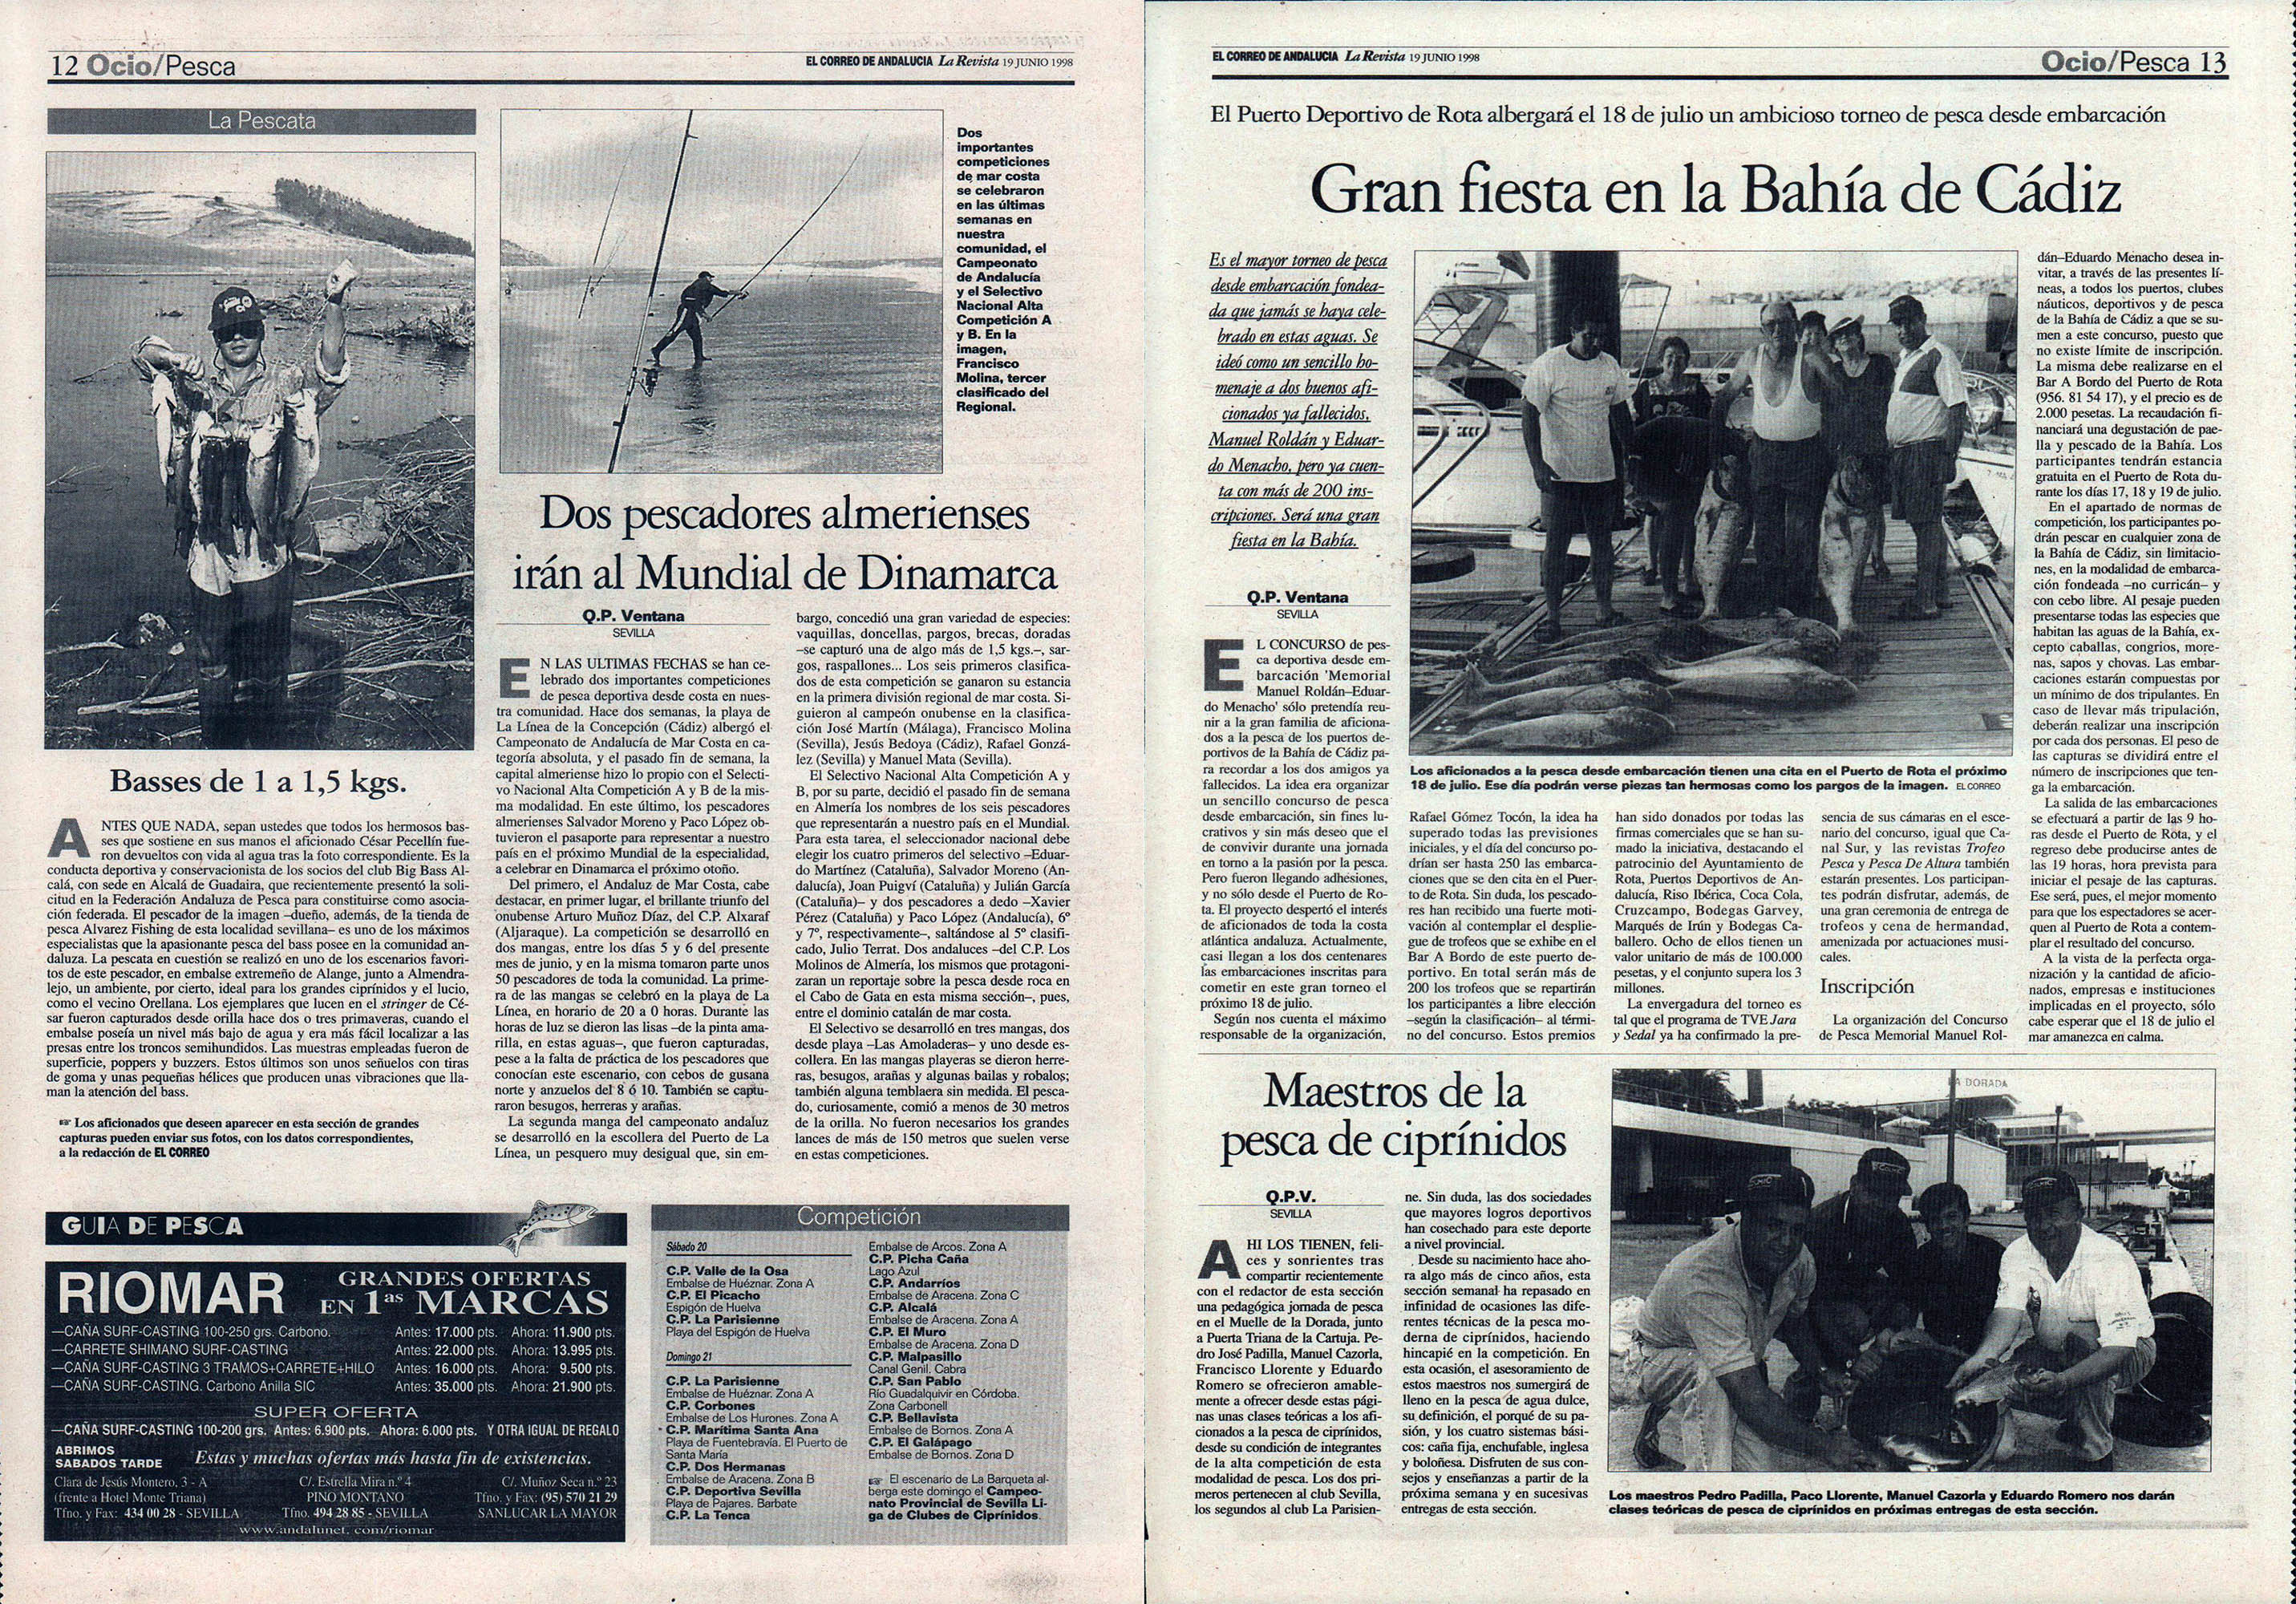 Pesca deportiva / Gran fiesta en la bahía de Cádiz - Torneo de Rota | Maestros de la pesca de ciprínidos | Dos pescadores almerienses irán al Mundial de Dinamarca | El Correo de Andalucía | 19 jun 1998